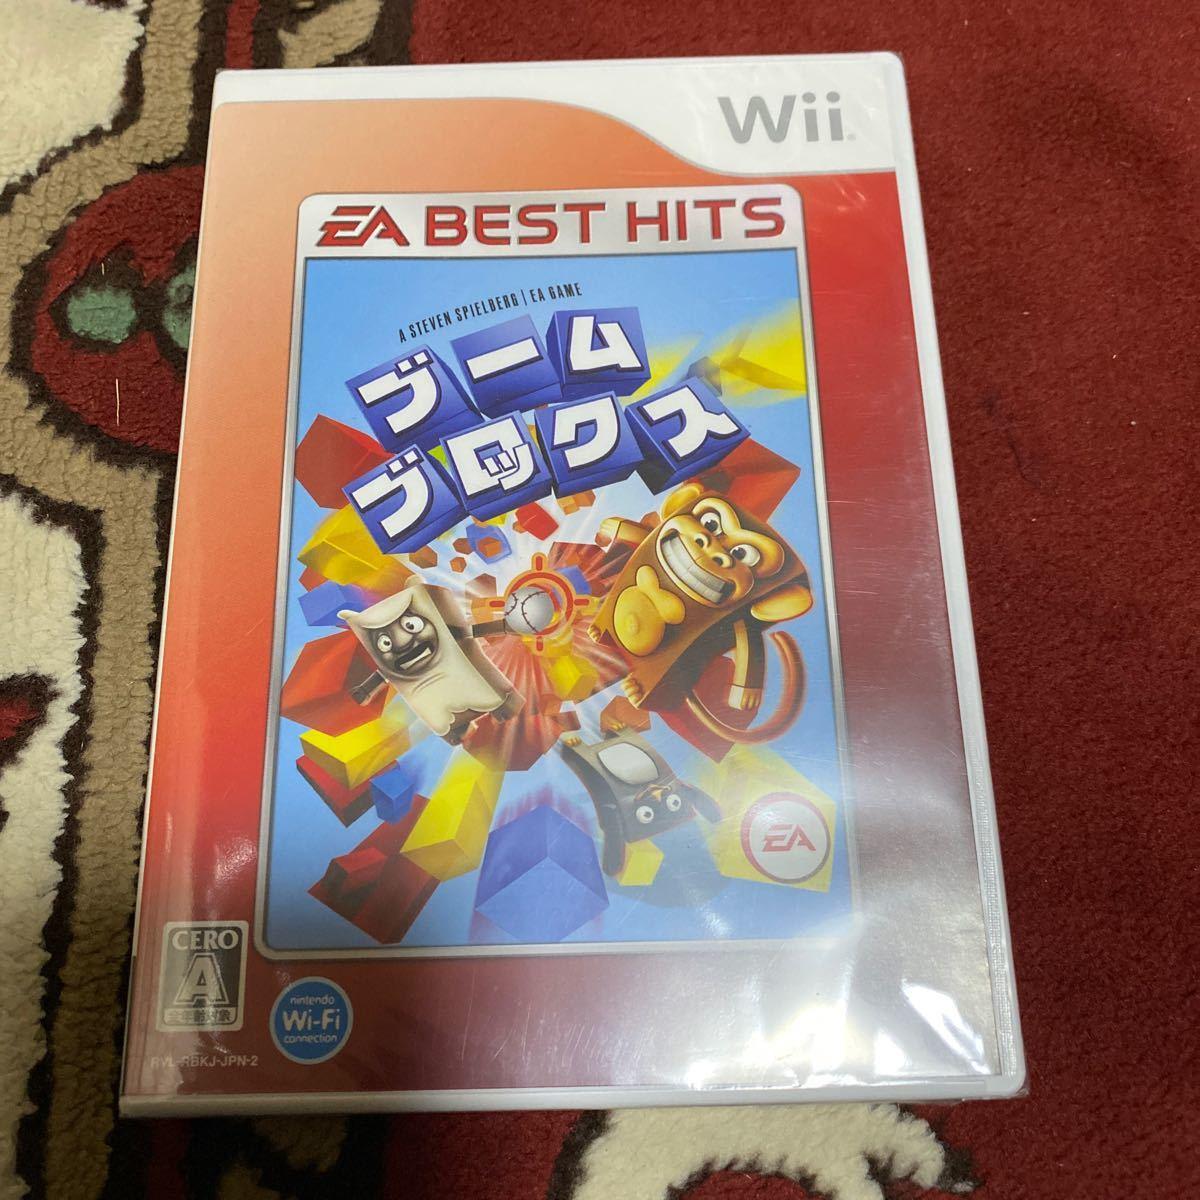 【Wii】 ブーム ブロックス [EA BEST HITS]新品未開封品